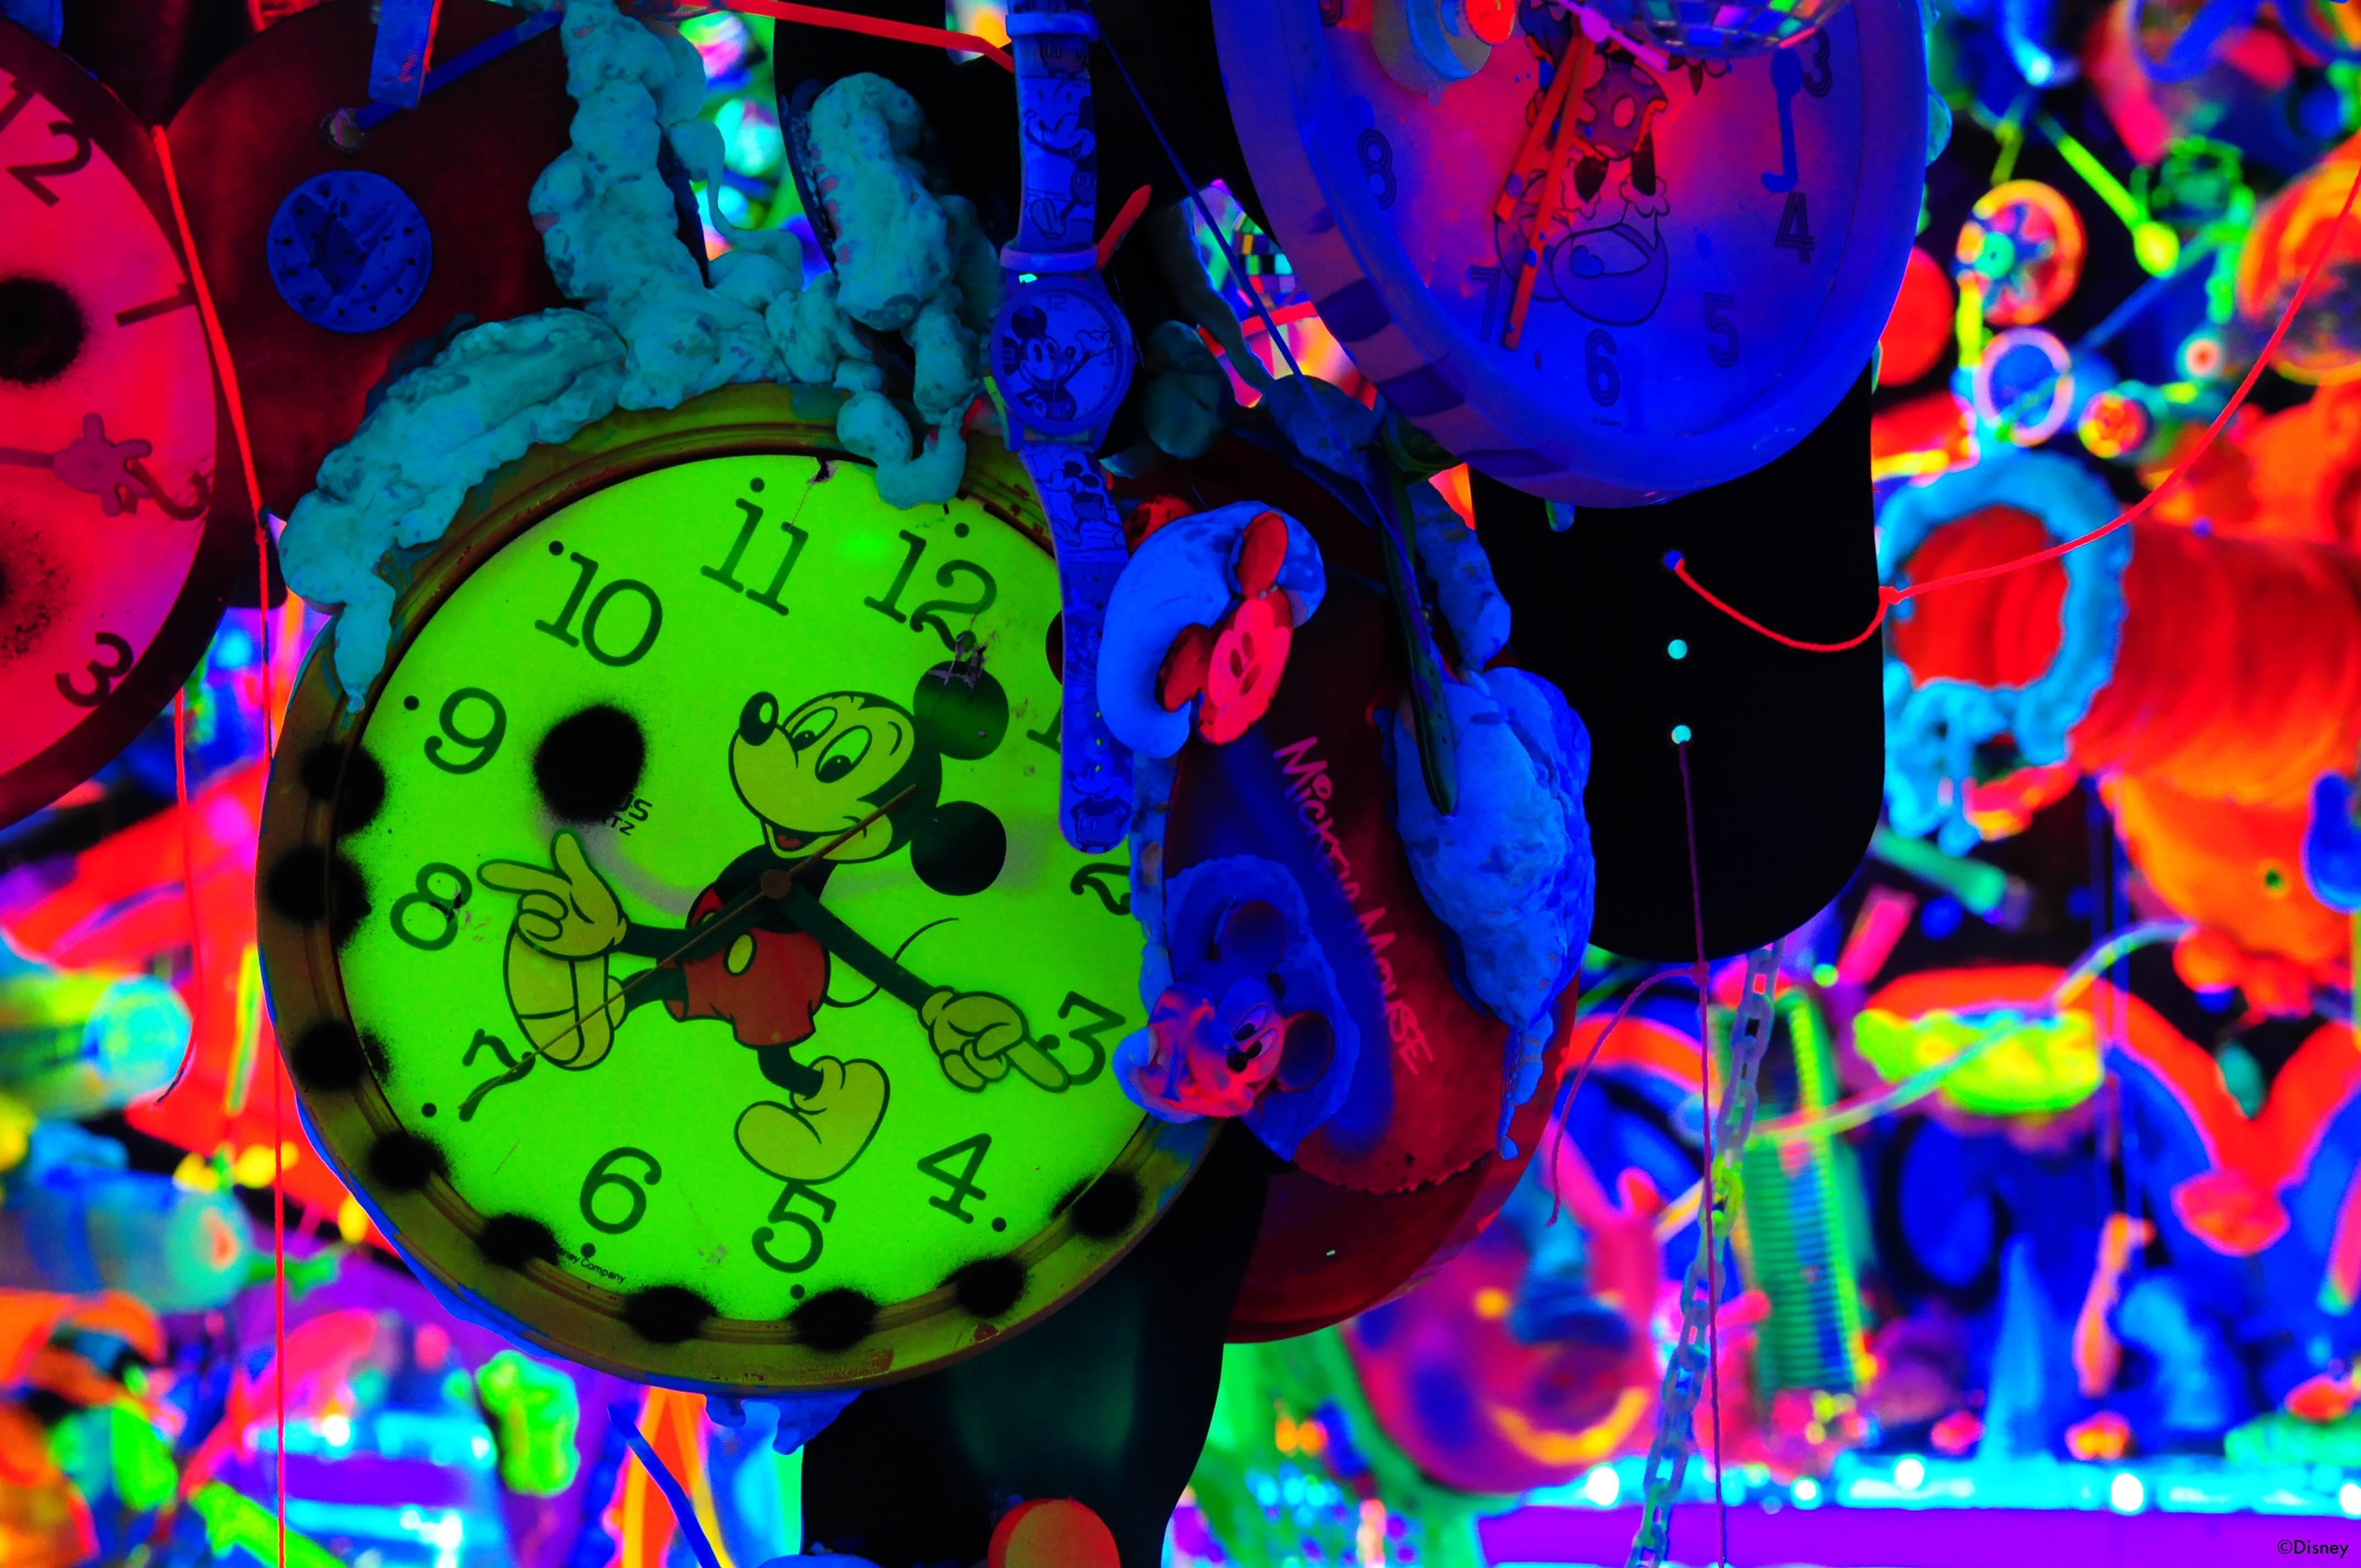 """""""Cosmic Cavern"""", instalação infusa em neon e inspirada no clássico relógio de pulso de Mickey Mouse, de Kenny Scharf (Foto: Divulgação)"""